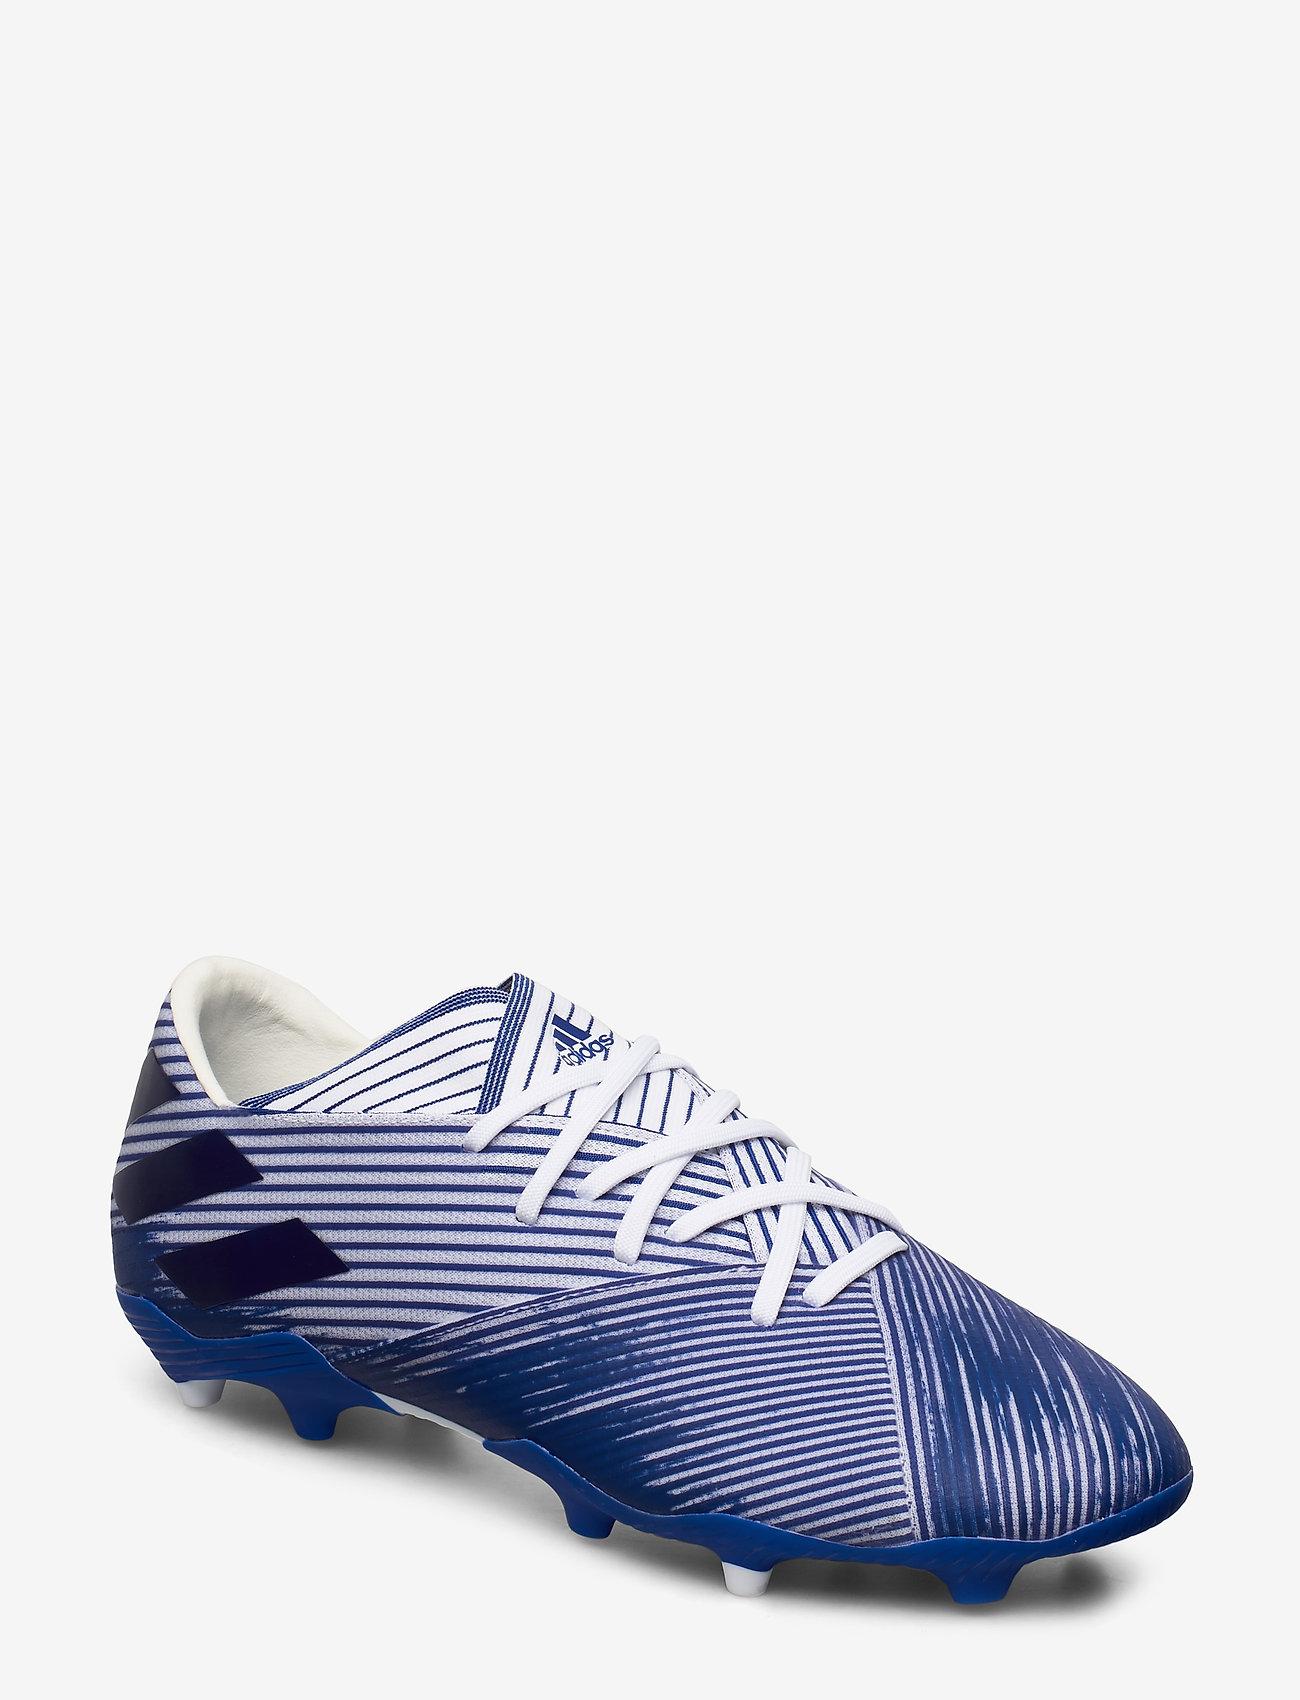 adidas Performance - NEMEZIZ 19.2 FG - jalkapallokengät - ftwwht/royblu/royblu - 0